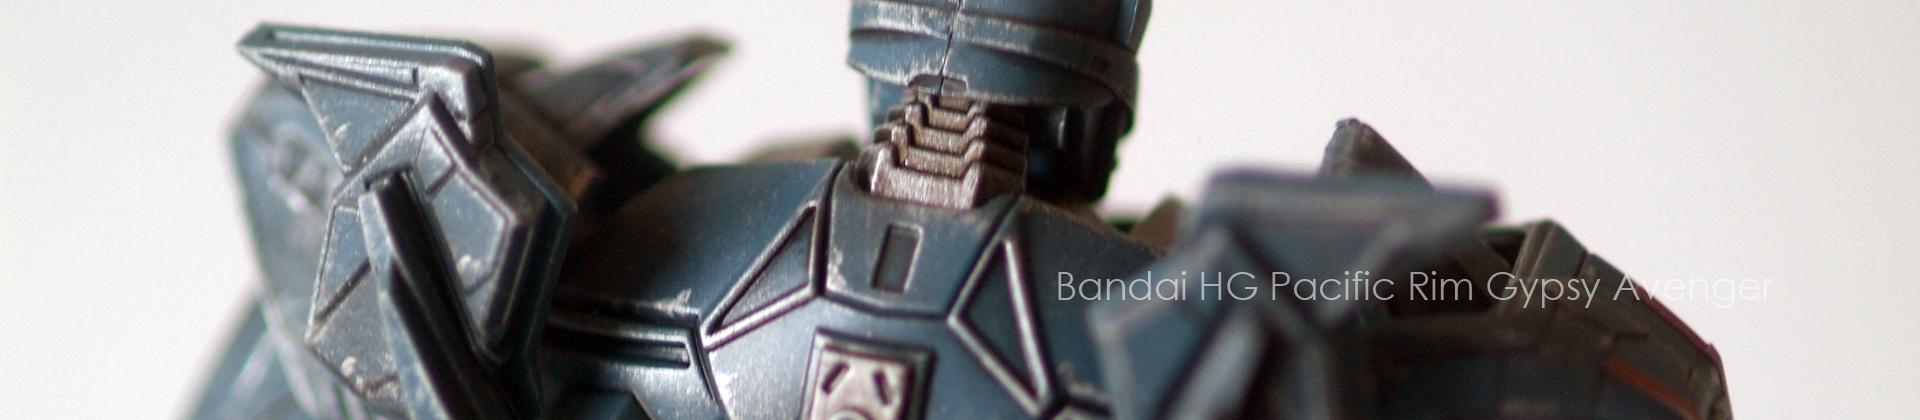 Bandai Pacific Rim – HG 1/144 Gypsy Avenger